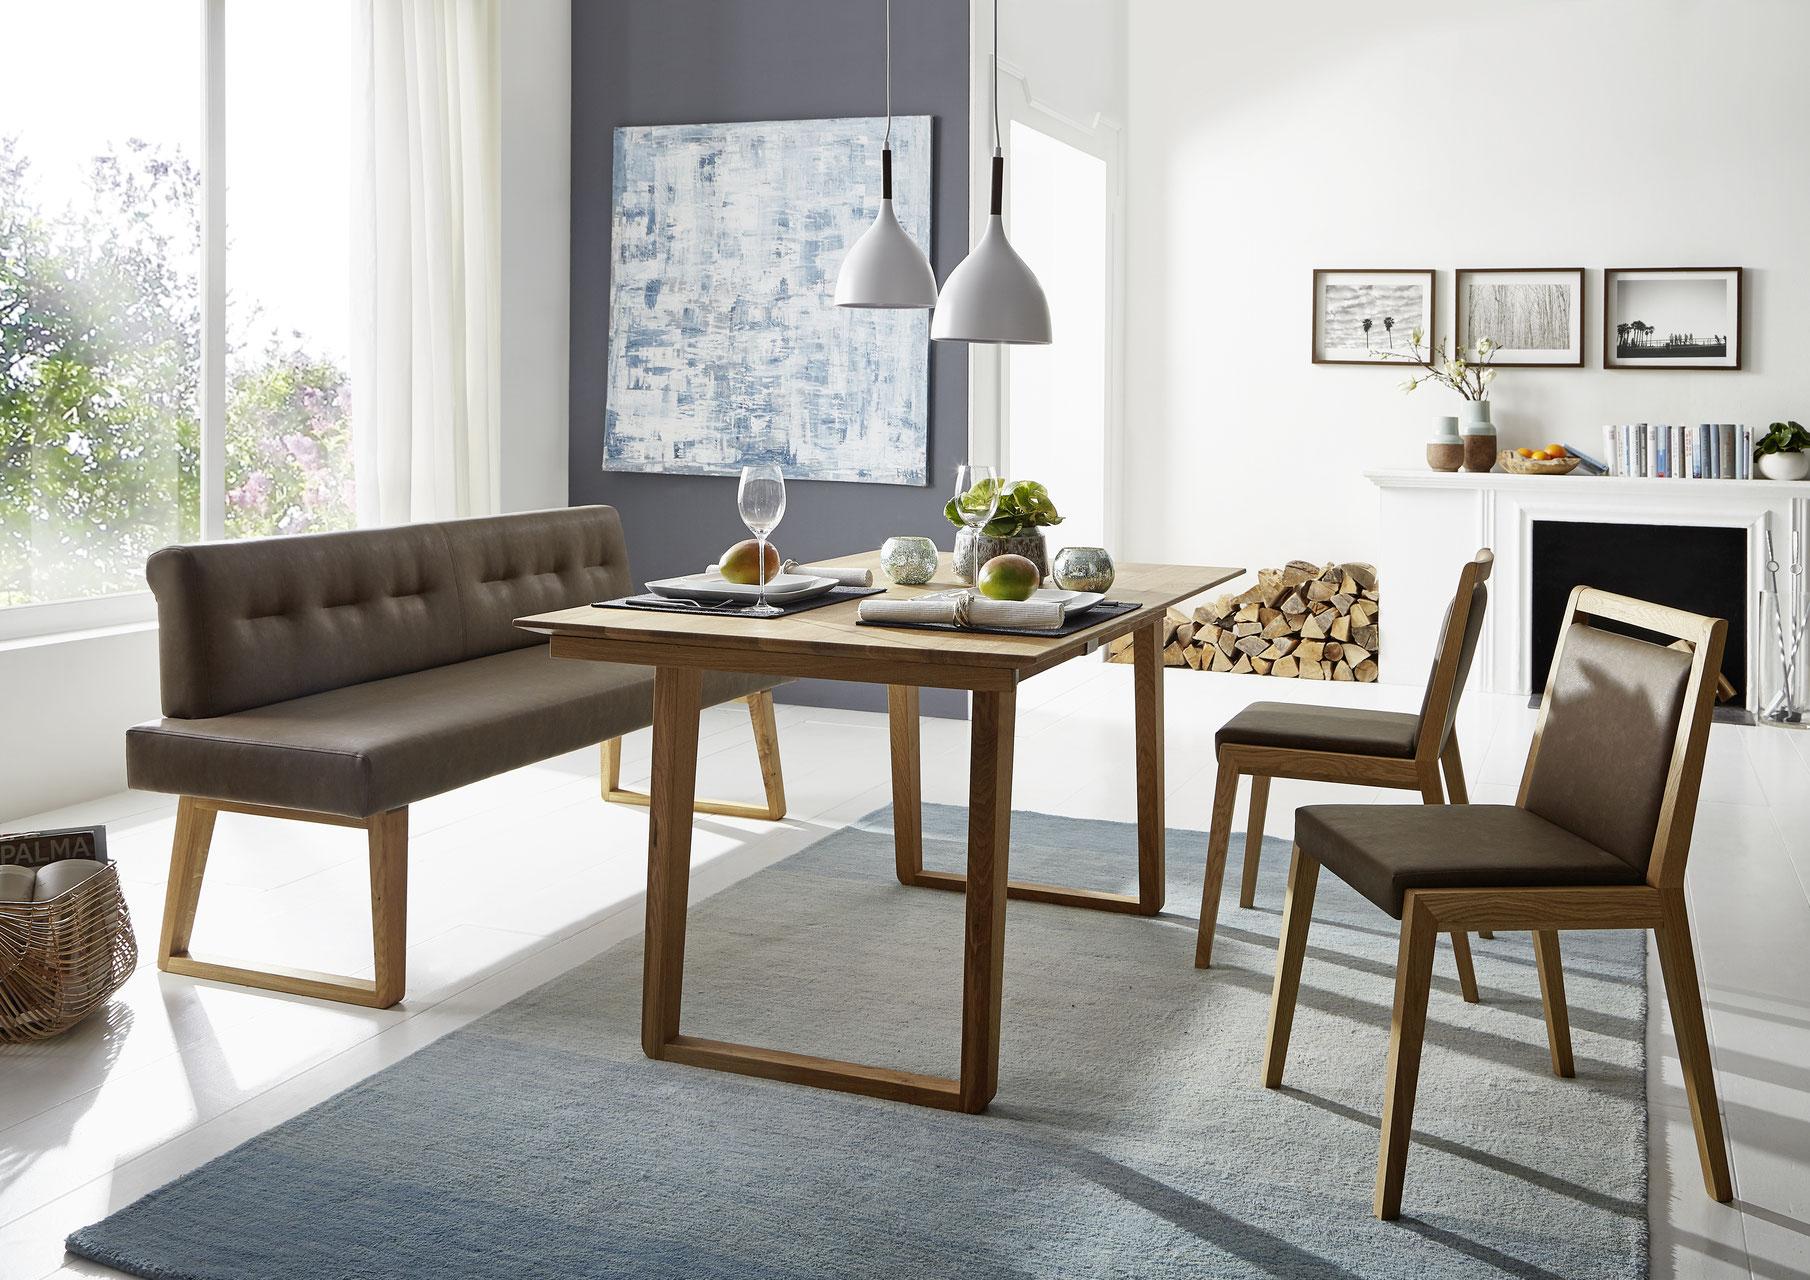 Moderne Sitzbank neueste sitzbank aus massivholz mit voll gepolsterter